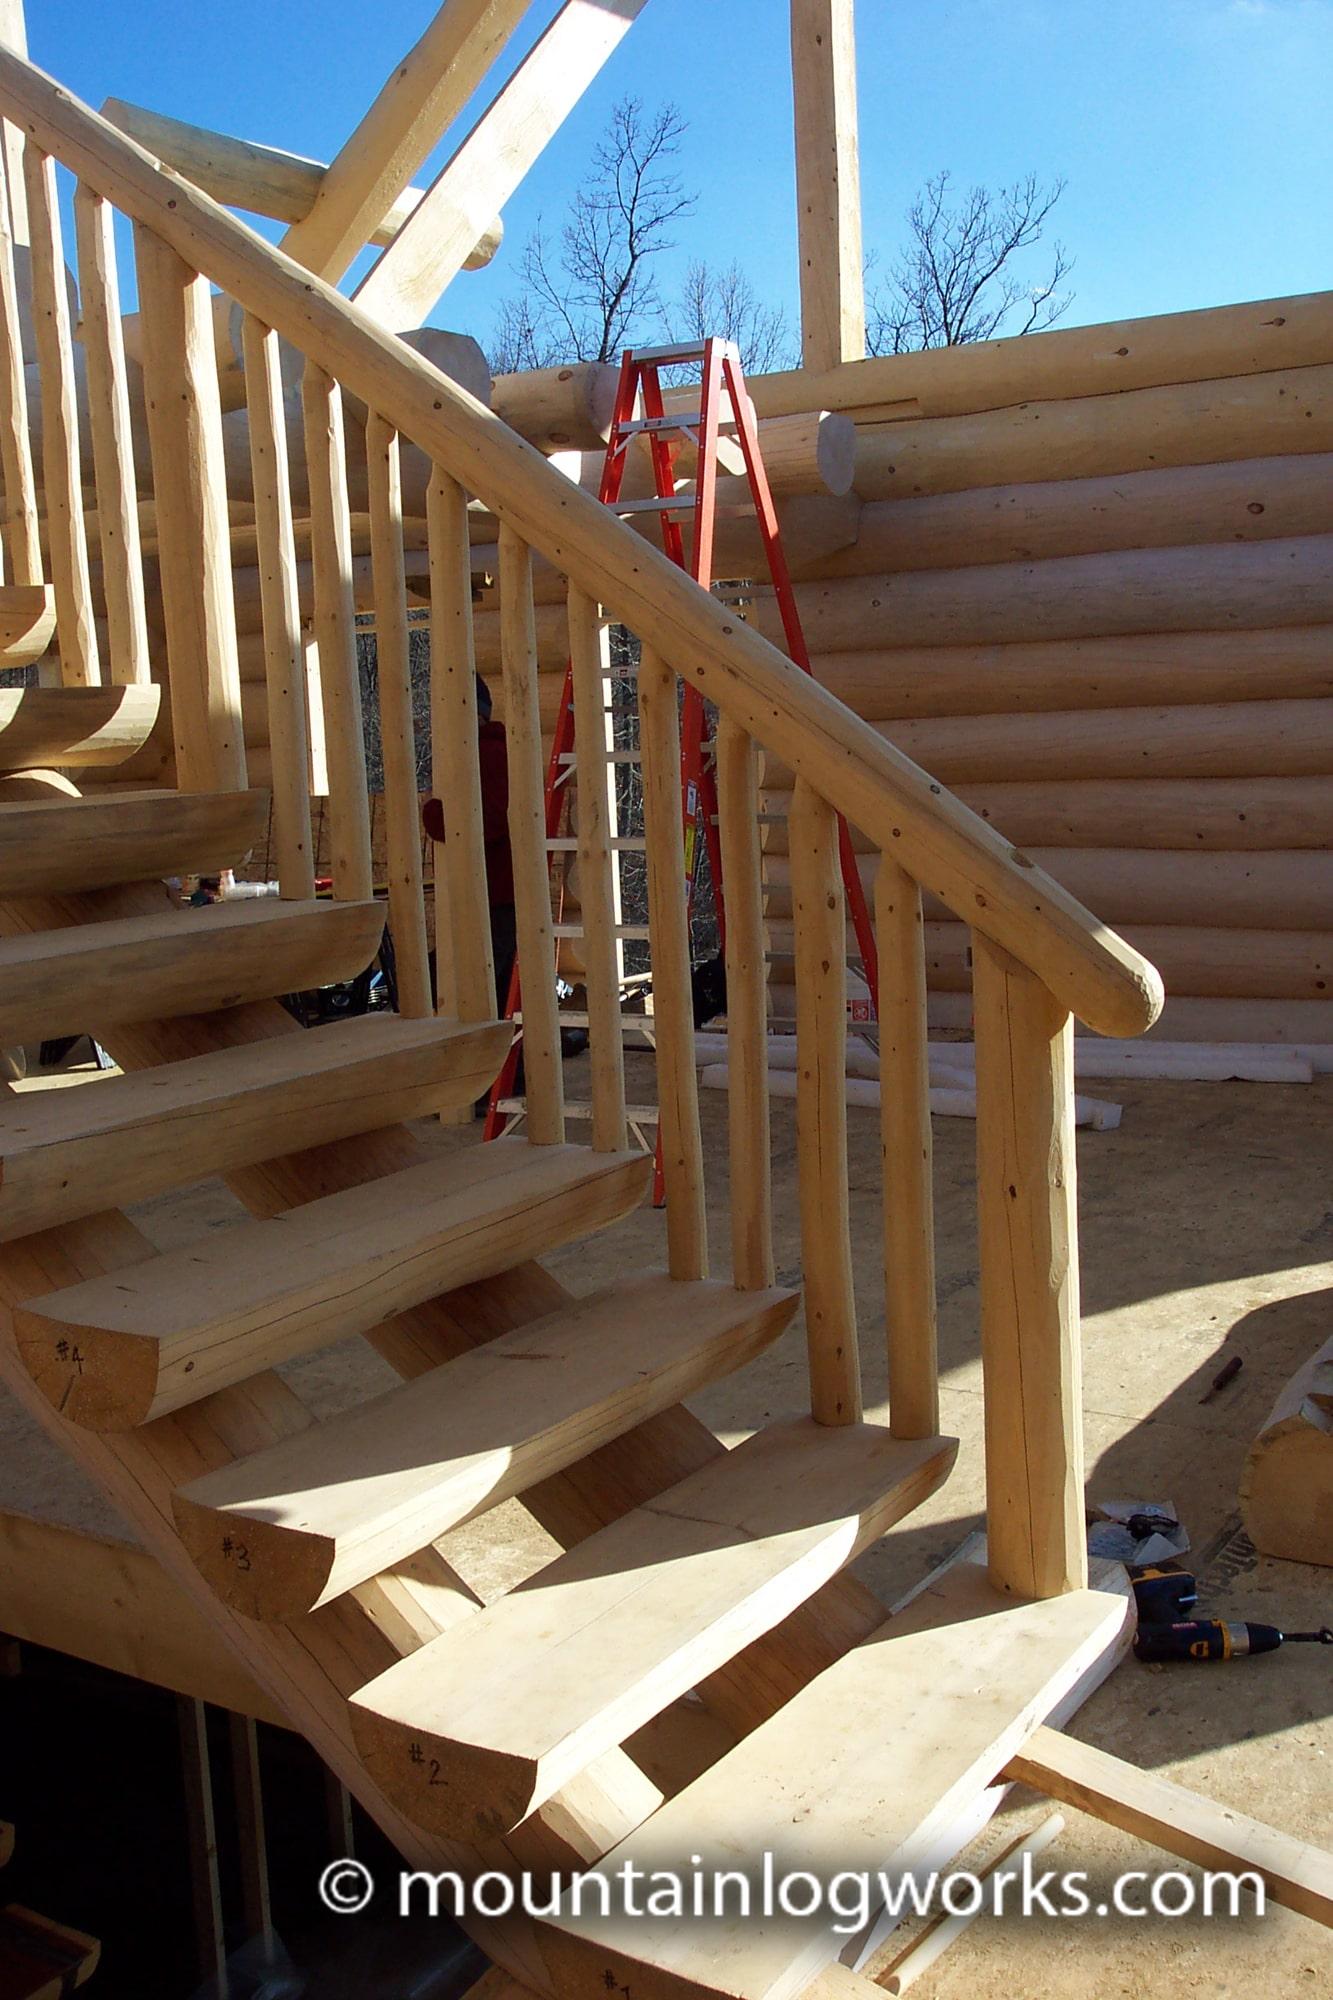 Stairway in log cabin